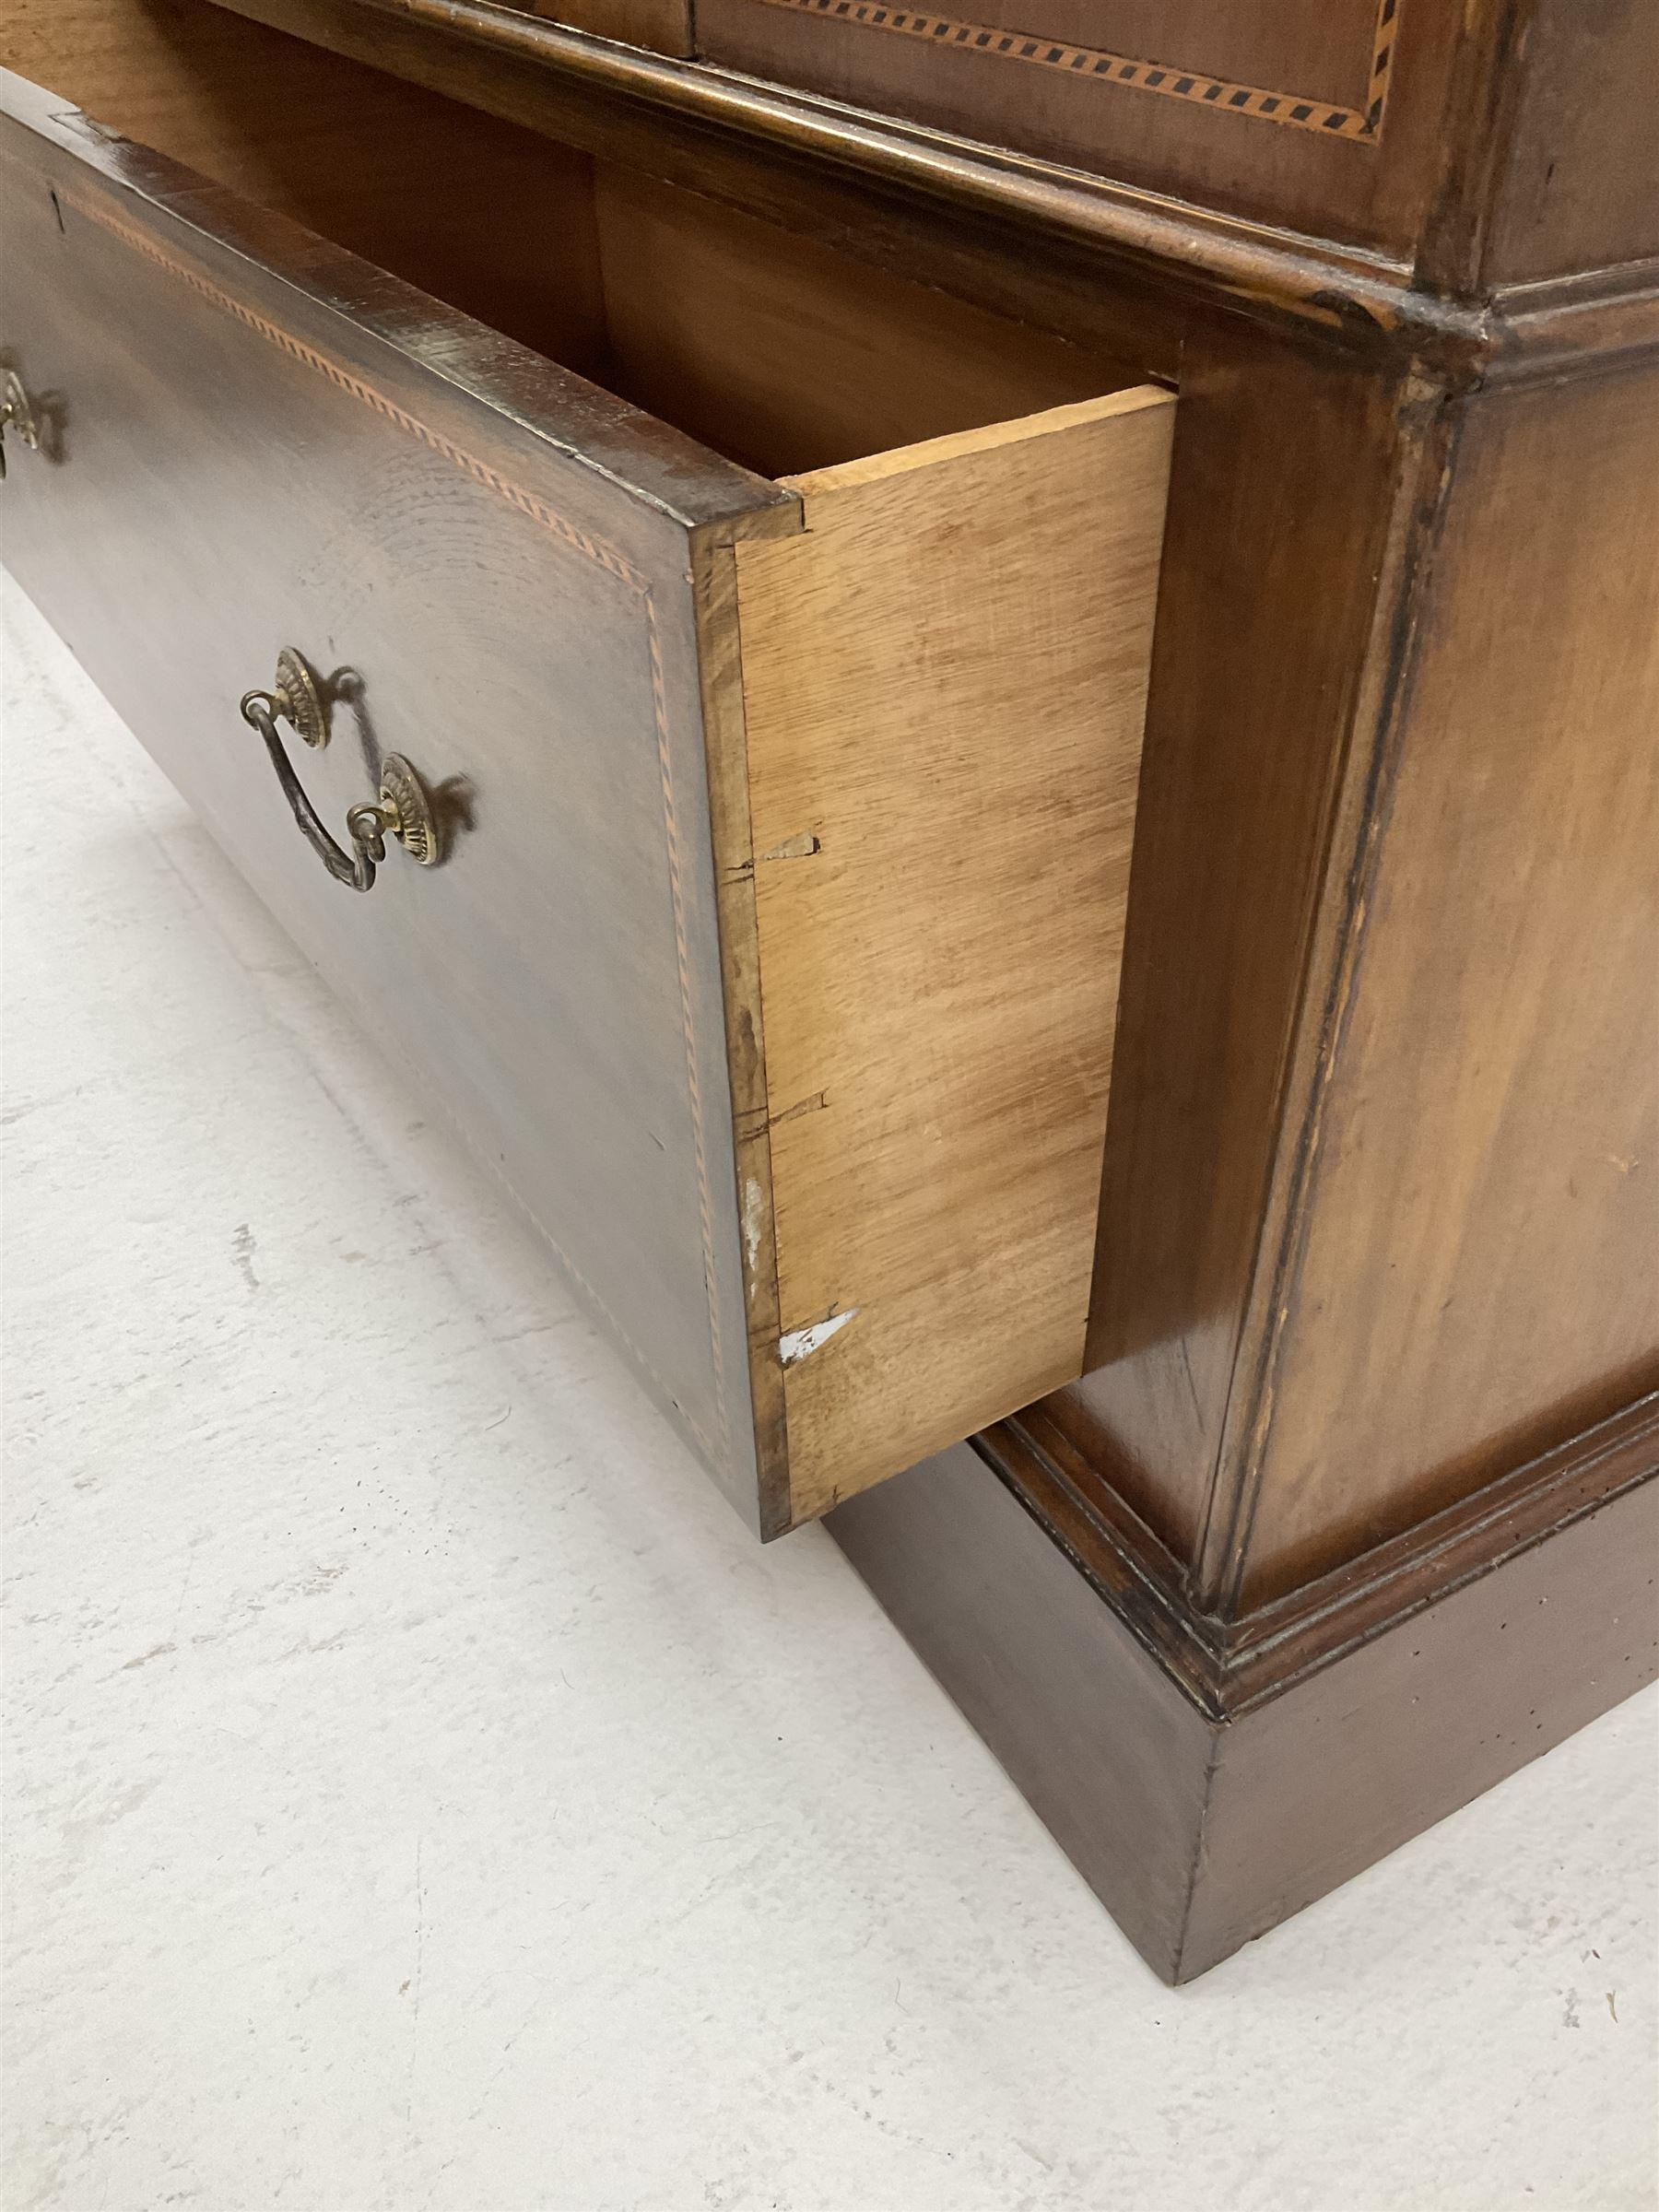 Edwardian inlaid mahogany wardrobe - Image 5 of 5